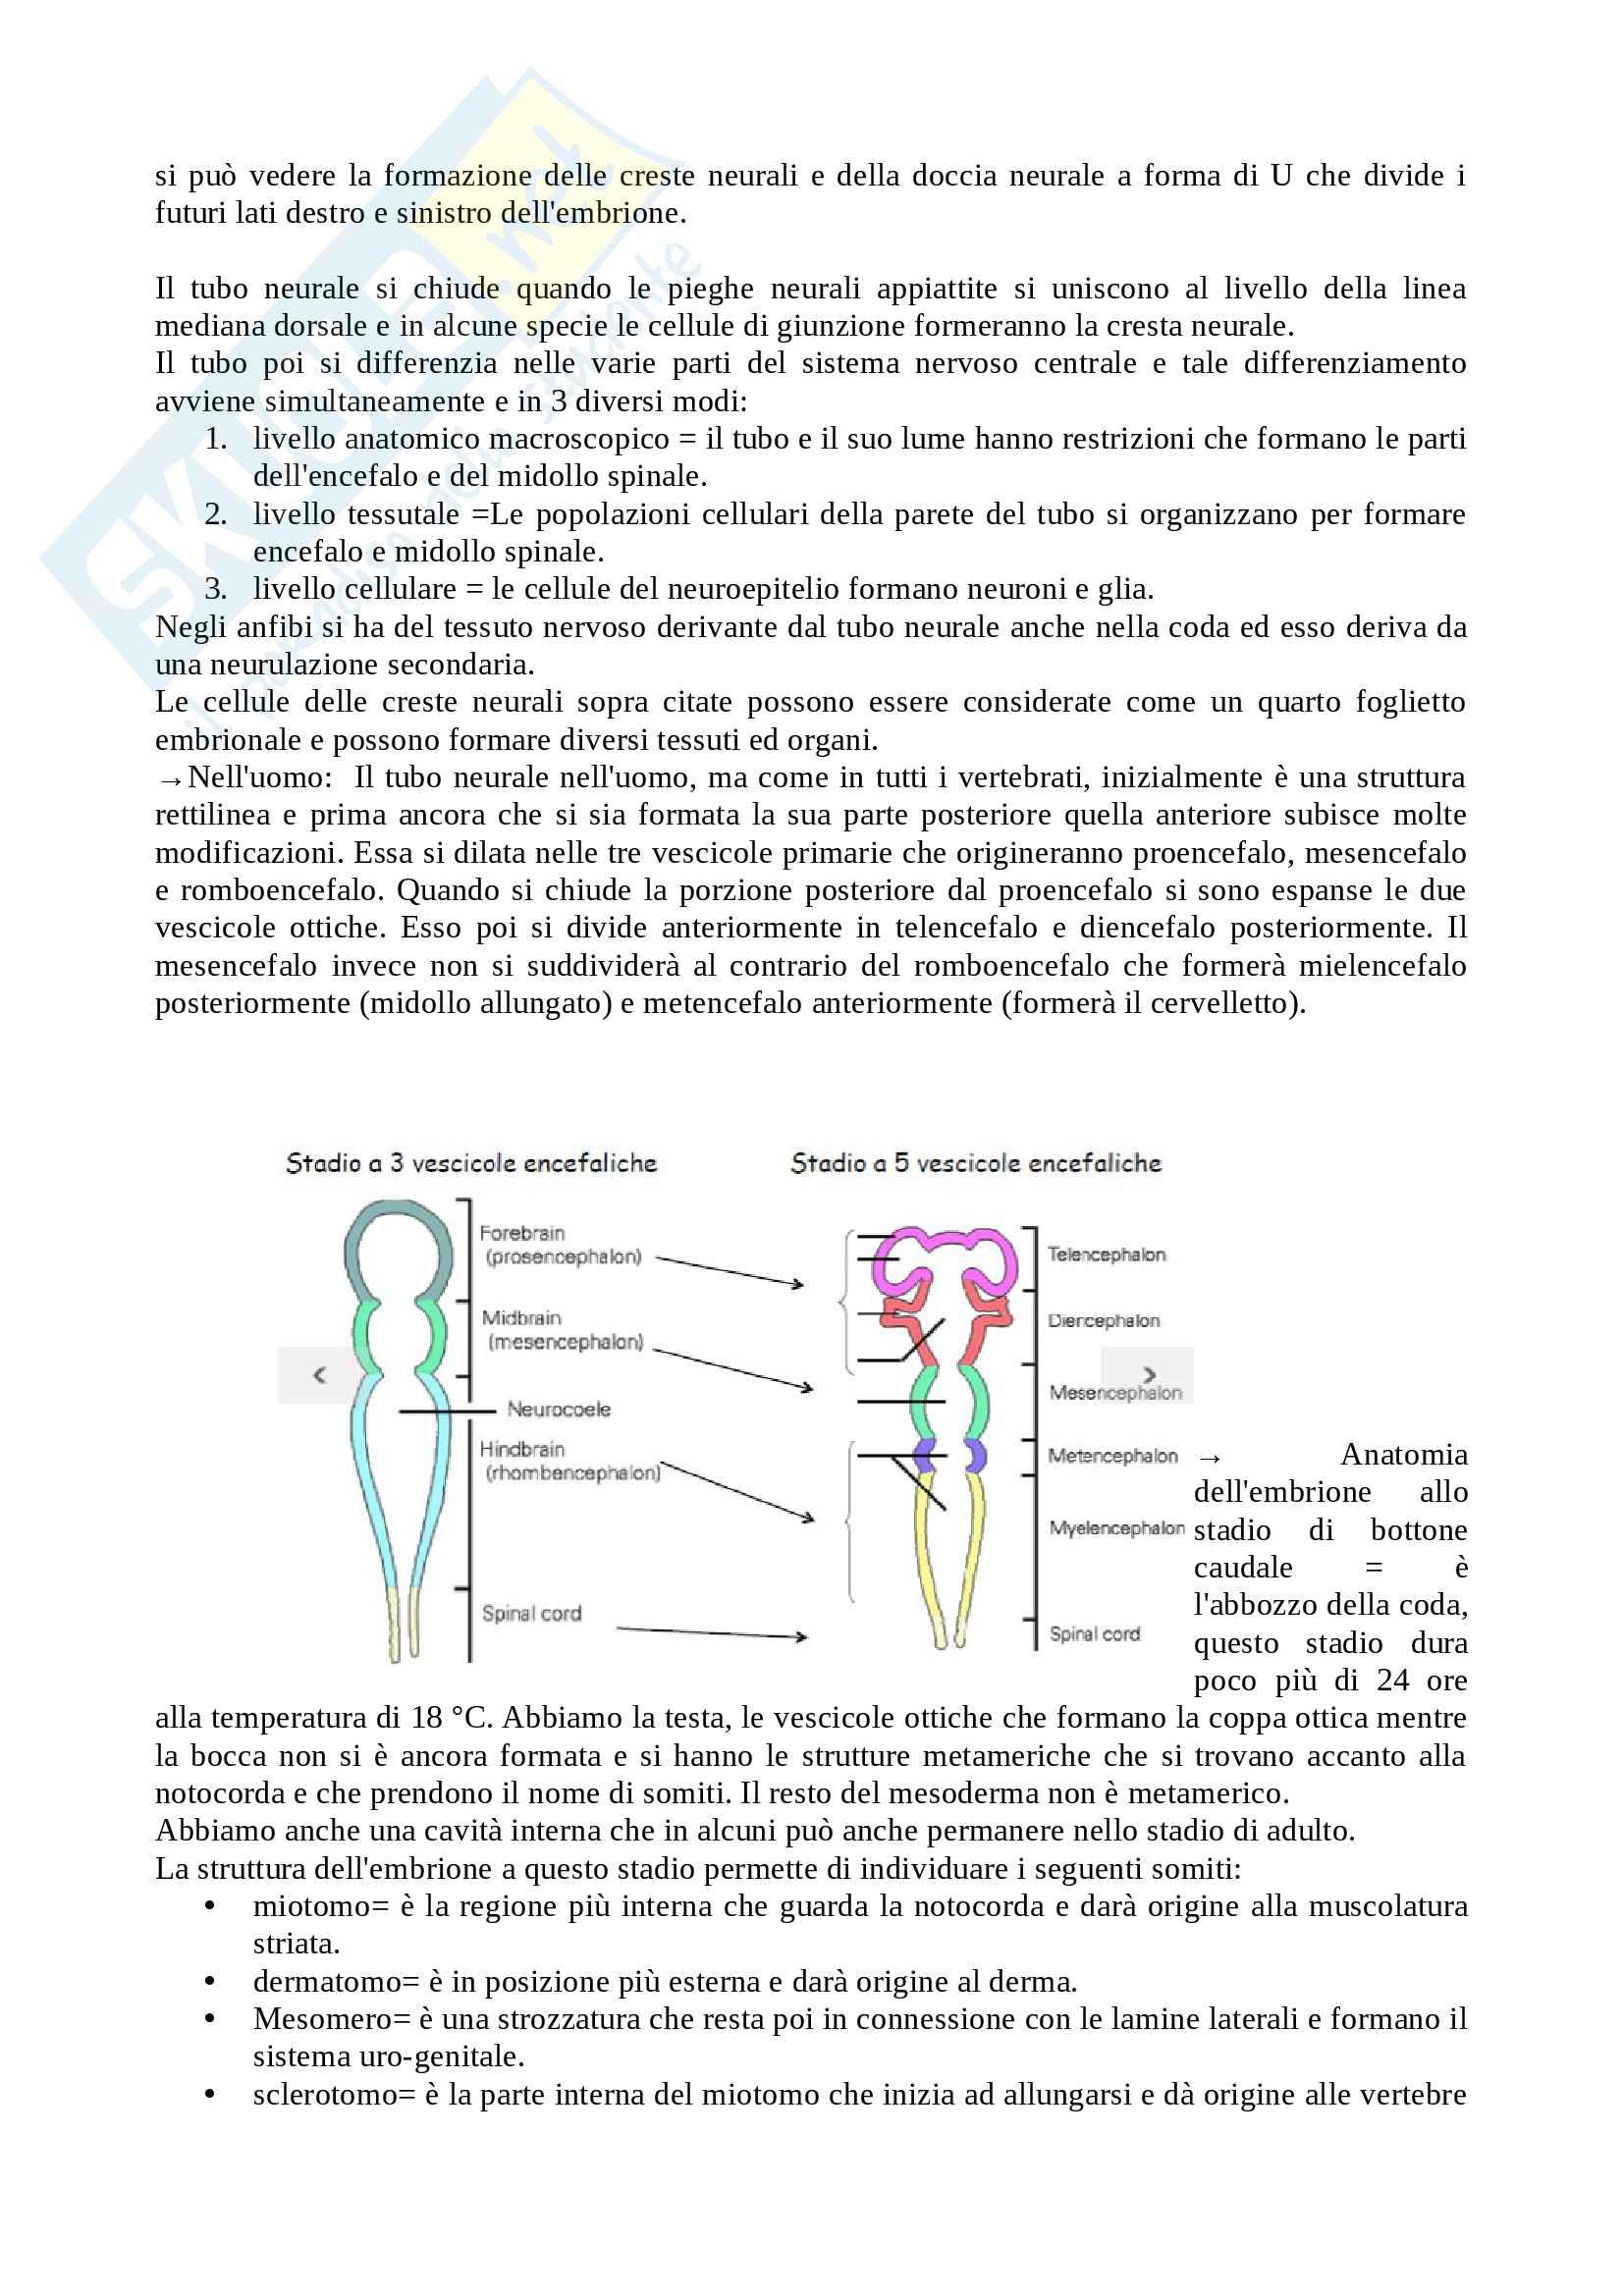 Appunti biologia dello sviluppo Pag. 31